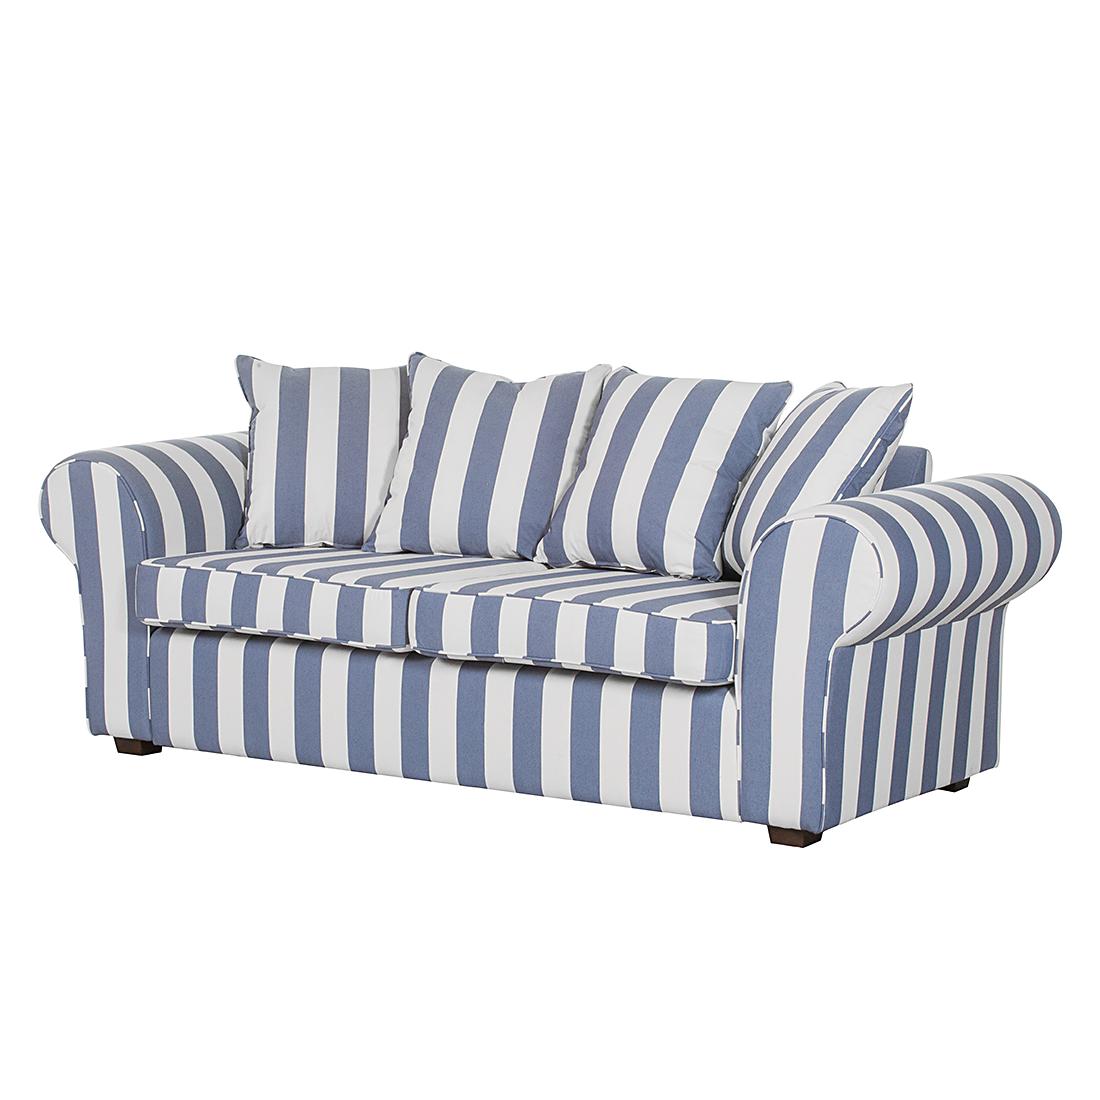 3 Sitzer Einzelsofa Von Jack Alice Home24 Couch Furniture Home Decor